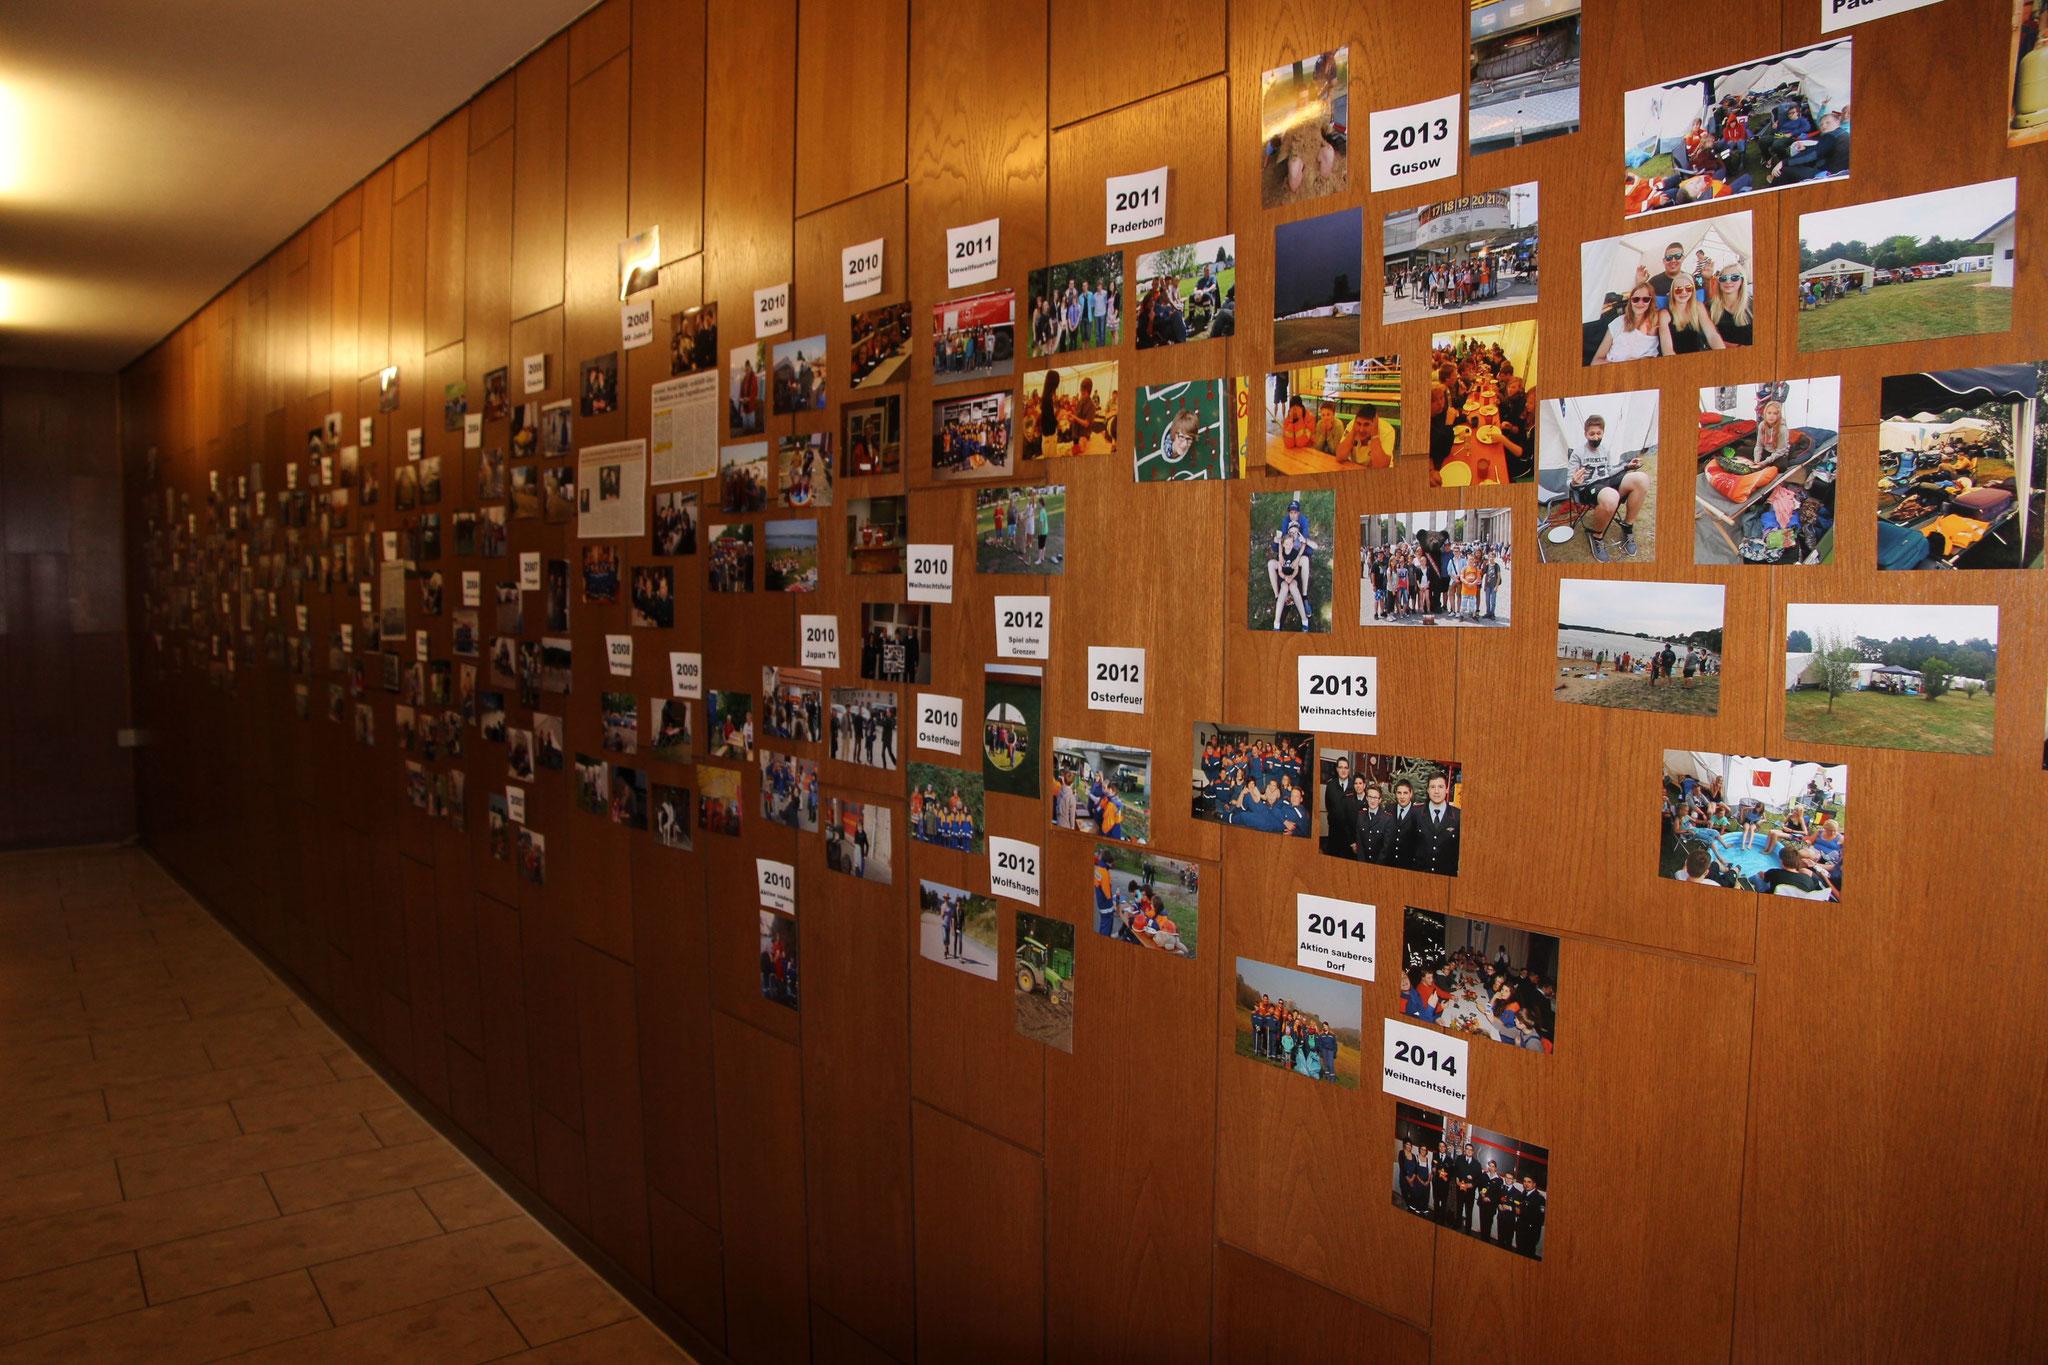 Fotostrecke 50 Jahre Jugendfeuerwehr Greene